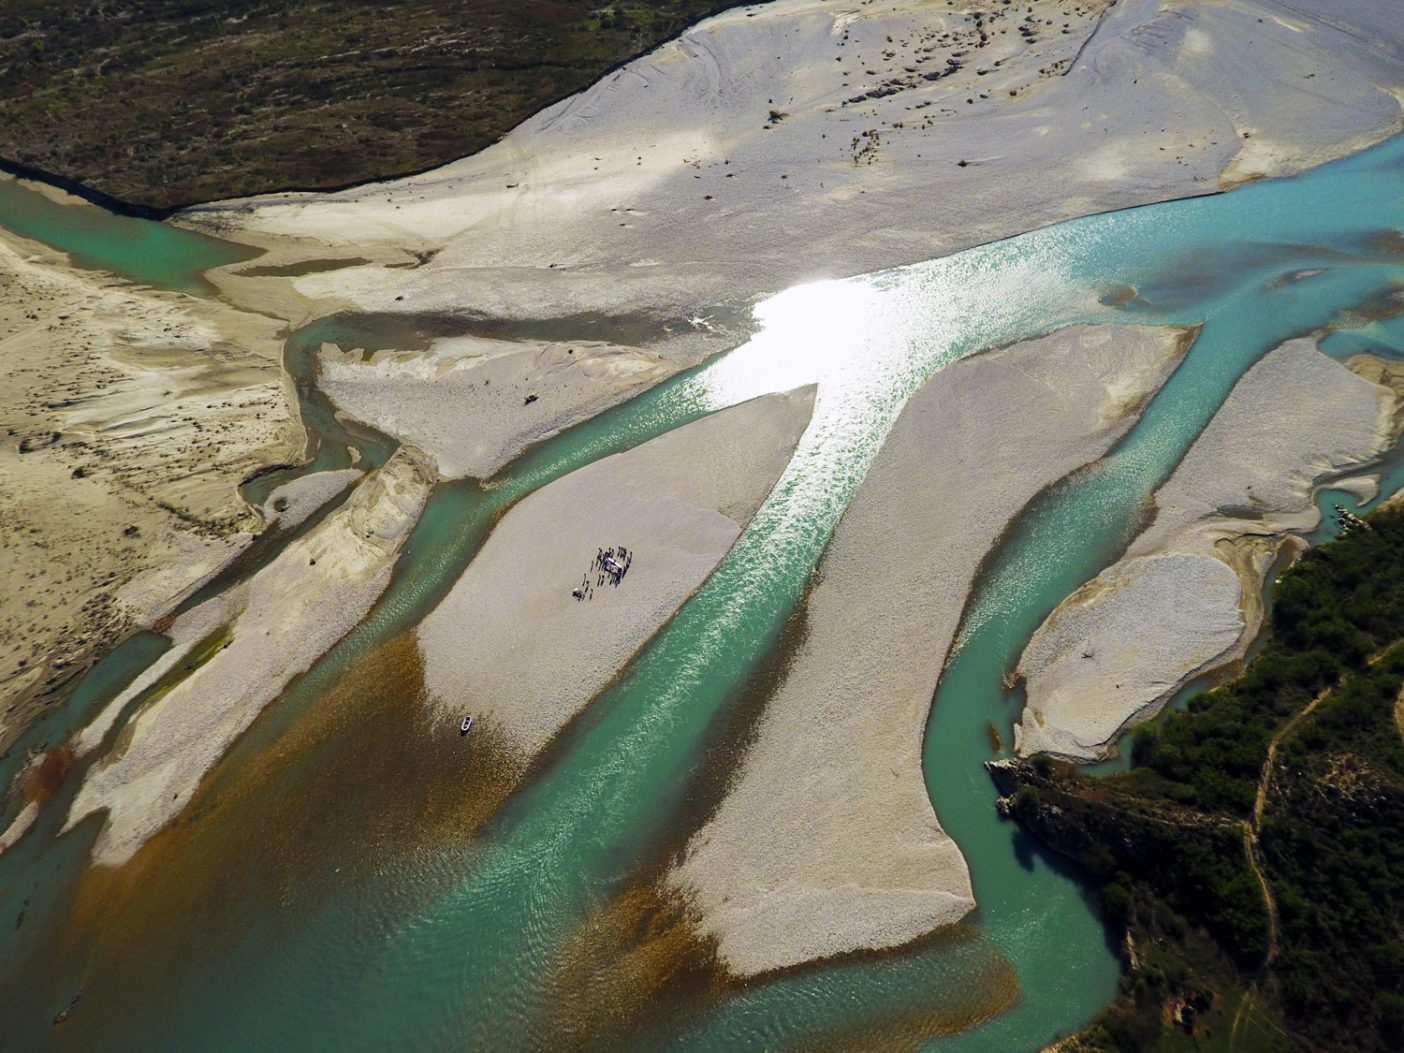 ヴョサ川に運ばれる大量の堆積物は、記者会見が開かれたこの小さな砂利の中州のように、じつに多様な生息地タイプを作り出す。 Photo: © Gregor Šubic